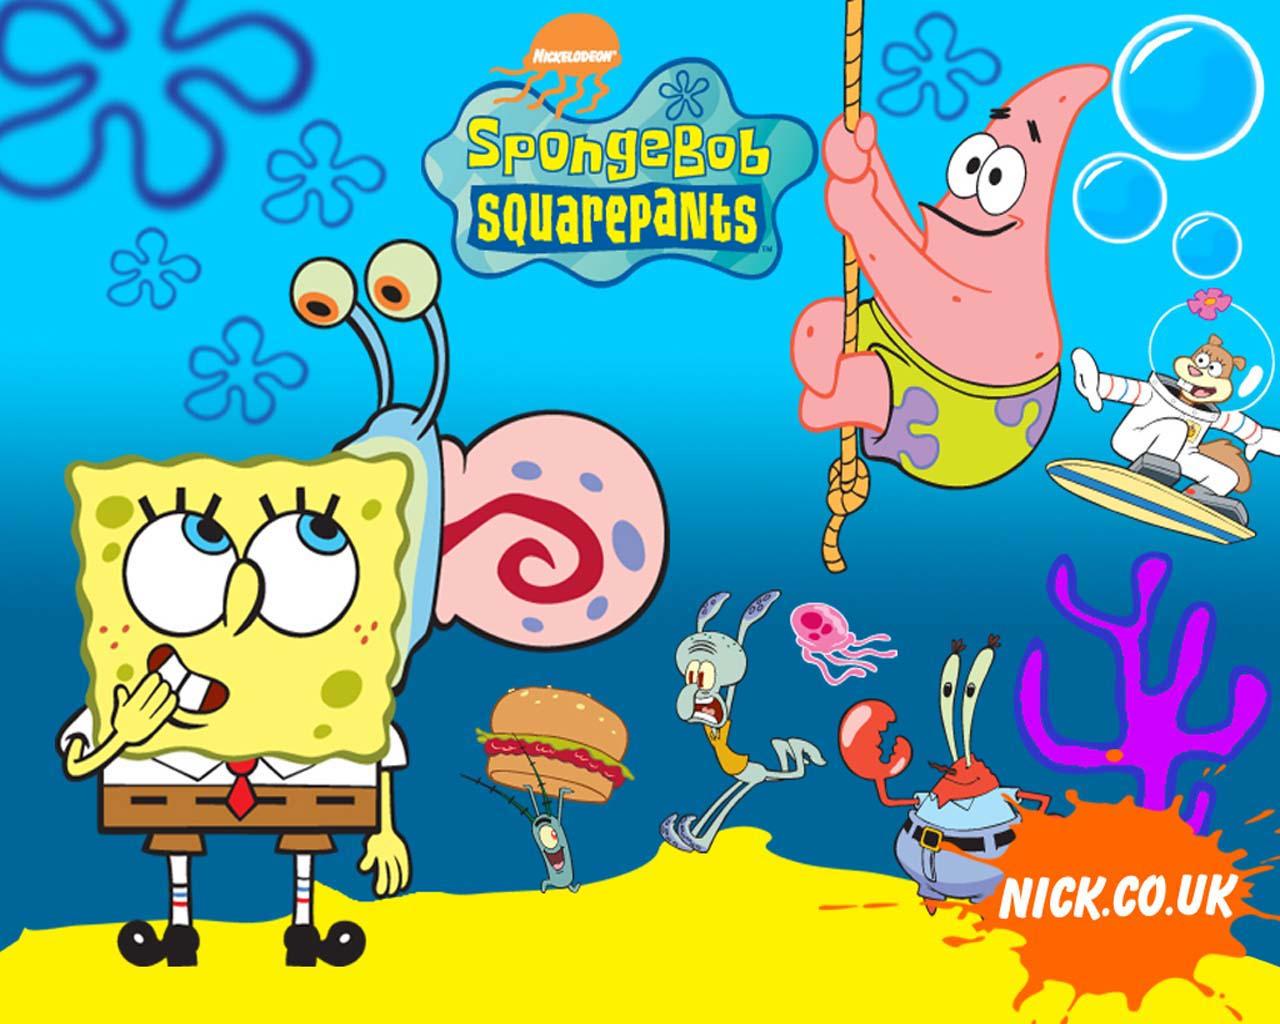 http://1.bp.blogspot.com/-FmgxKlUJYsY/TrAR09gHiDI/AAAAAAAAAAo/58ocW6t6rYY/s1600/spongebob-wallpaper-042.jpg